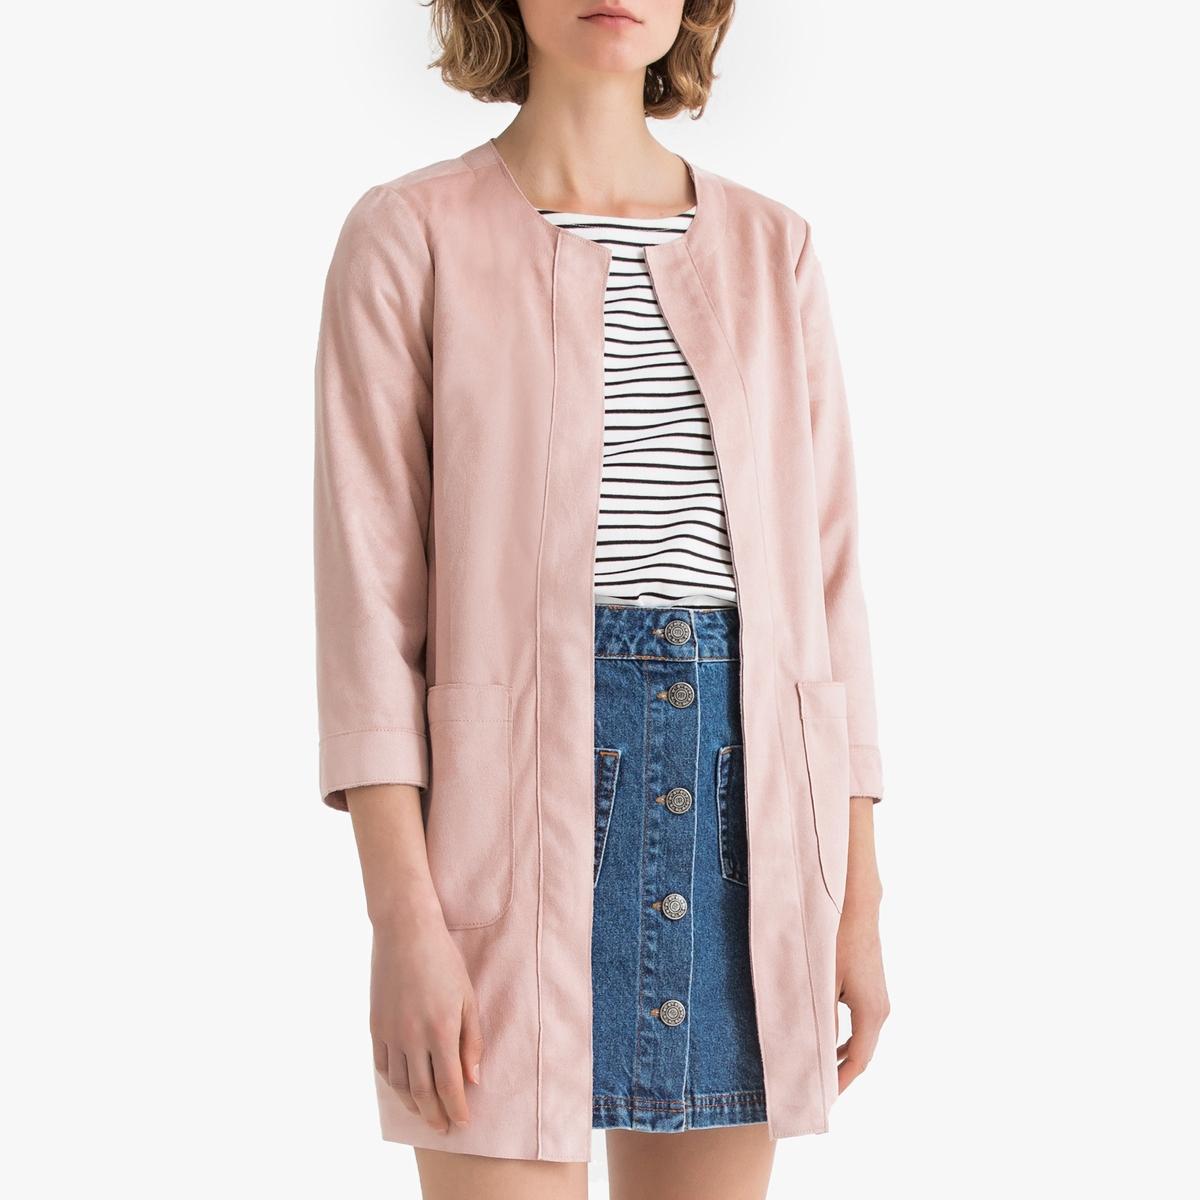 Жакет La Redoute Длинный прямого покроя с круглым вырезом S розовый блузон бомбер la redoute на молнии прямого покроя с эффектом замши s бежевый